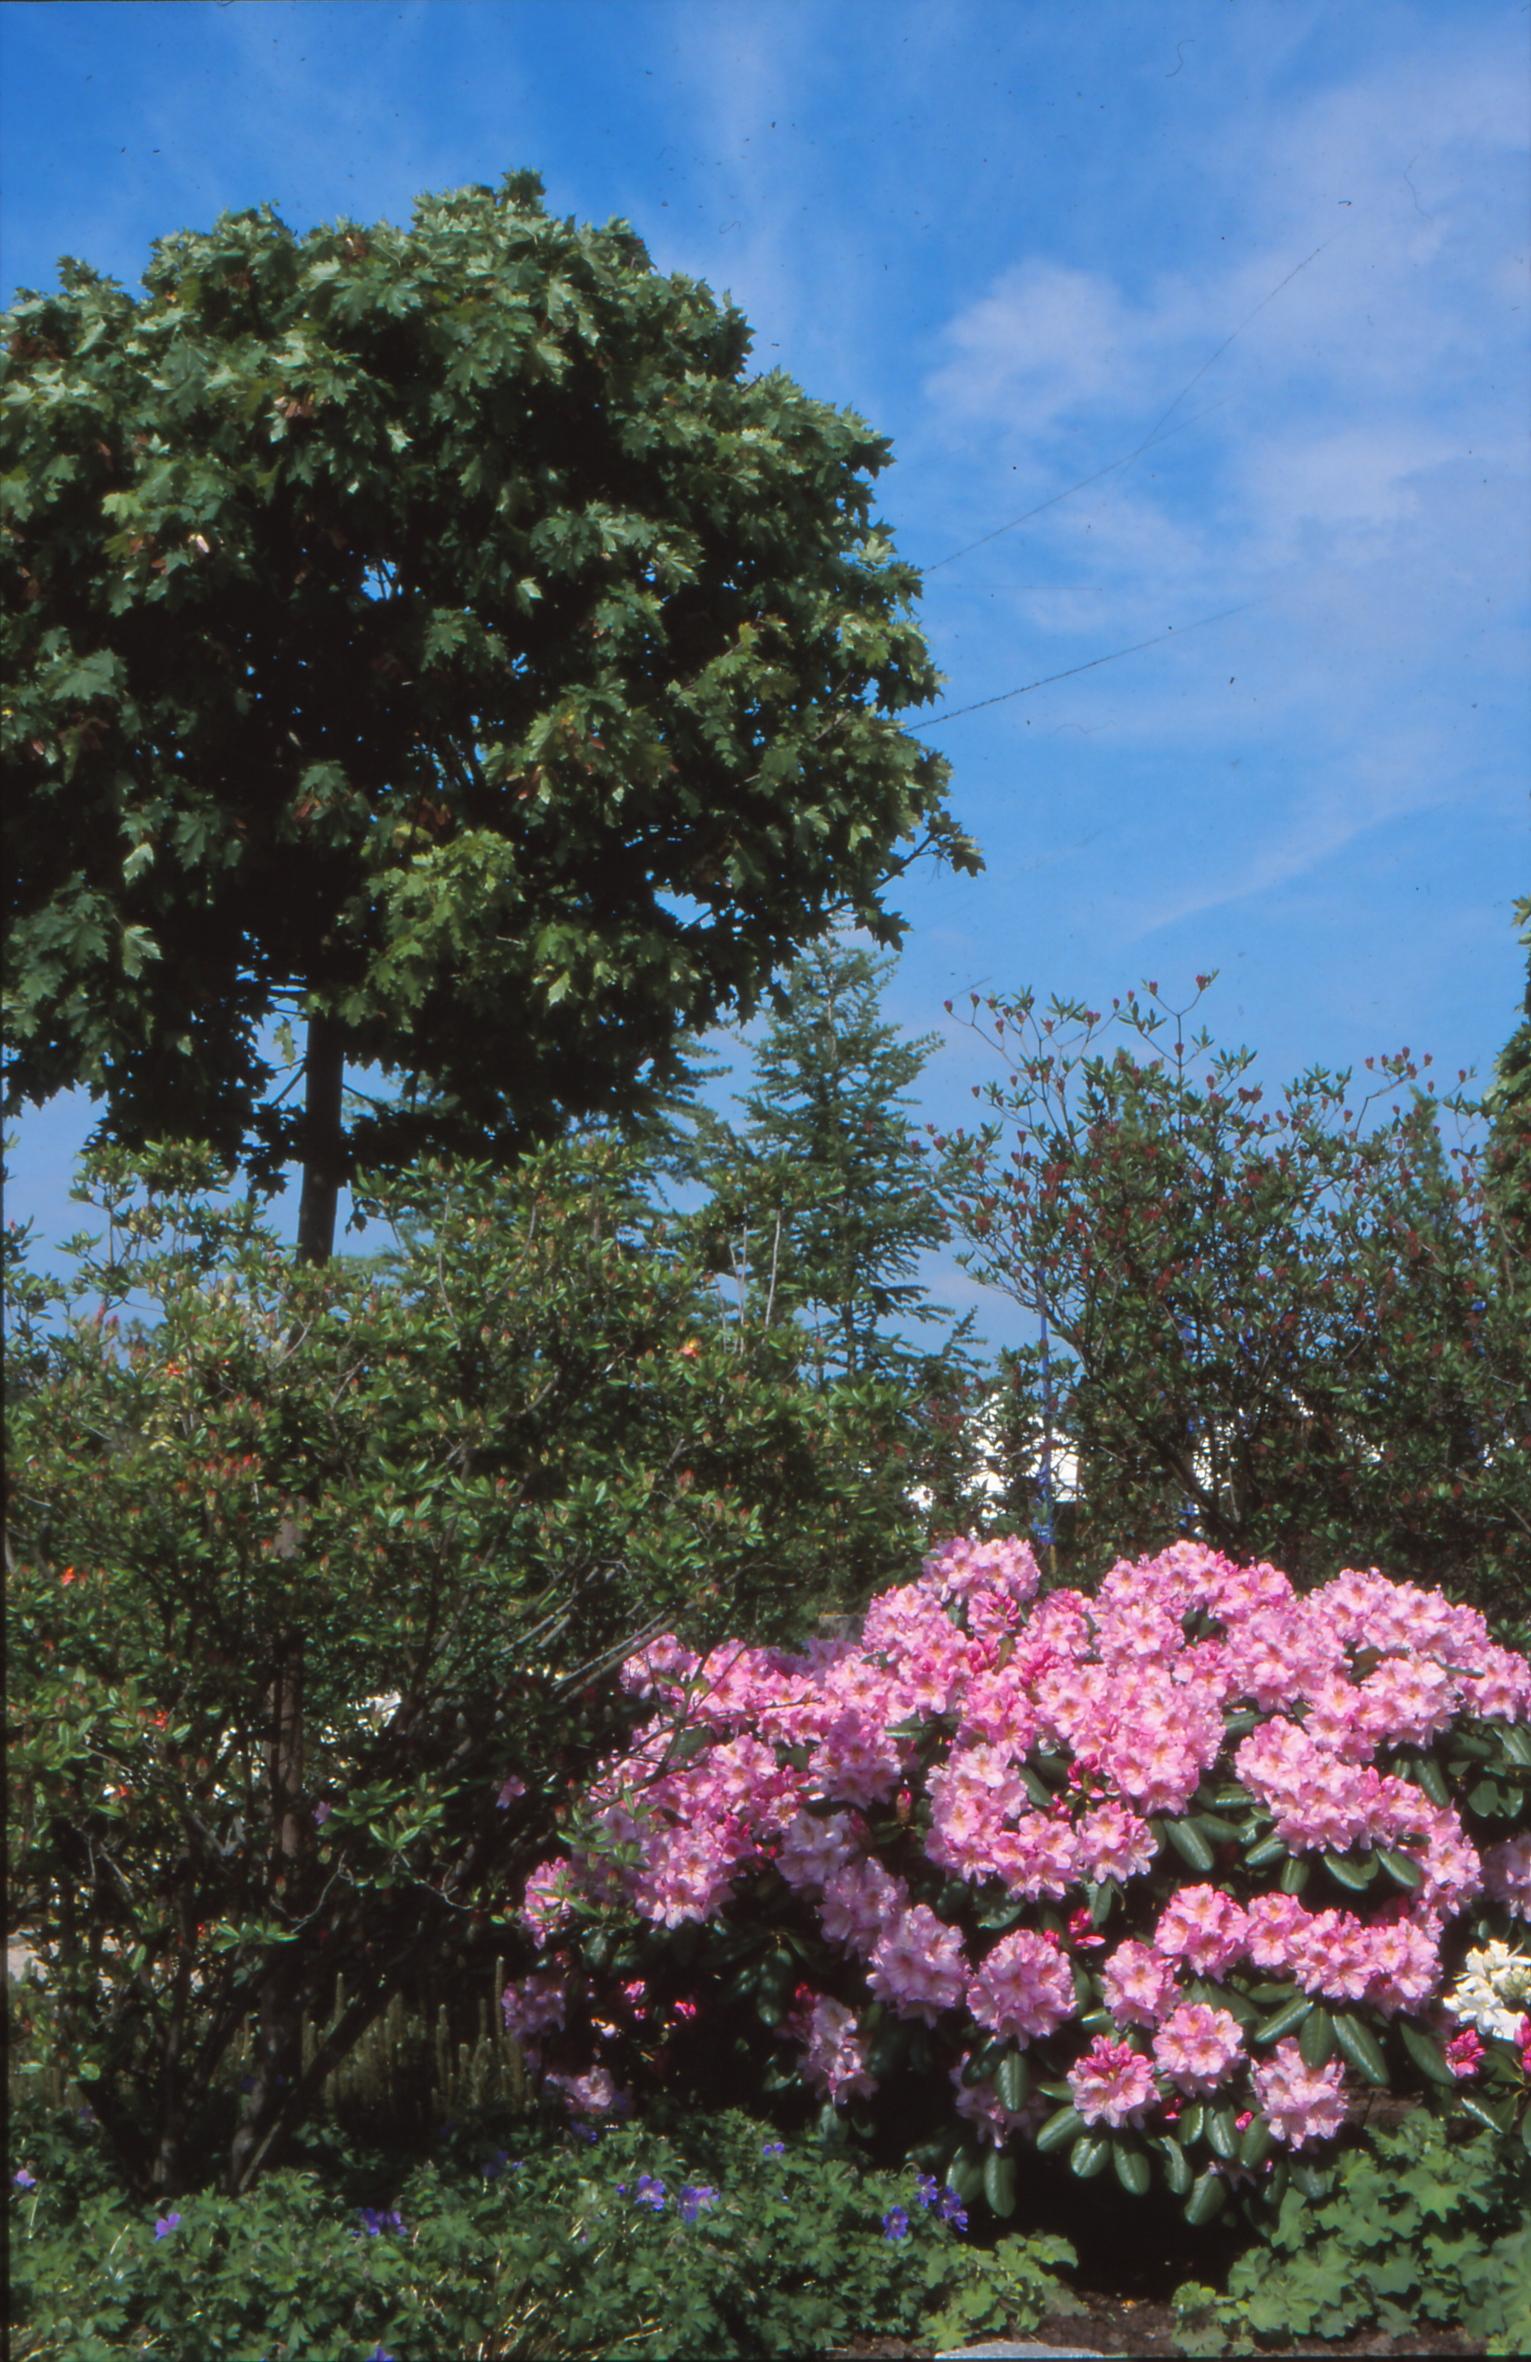 Grüne Schattenspender: Unter Bäumen und Sträuchern lässt es sich gut im Sommer aushalten